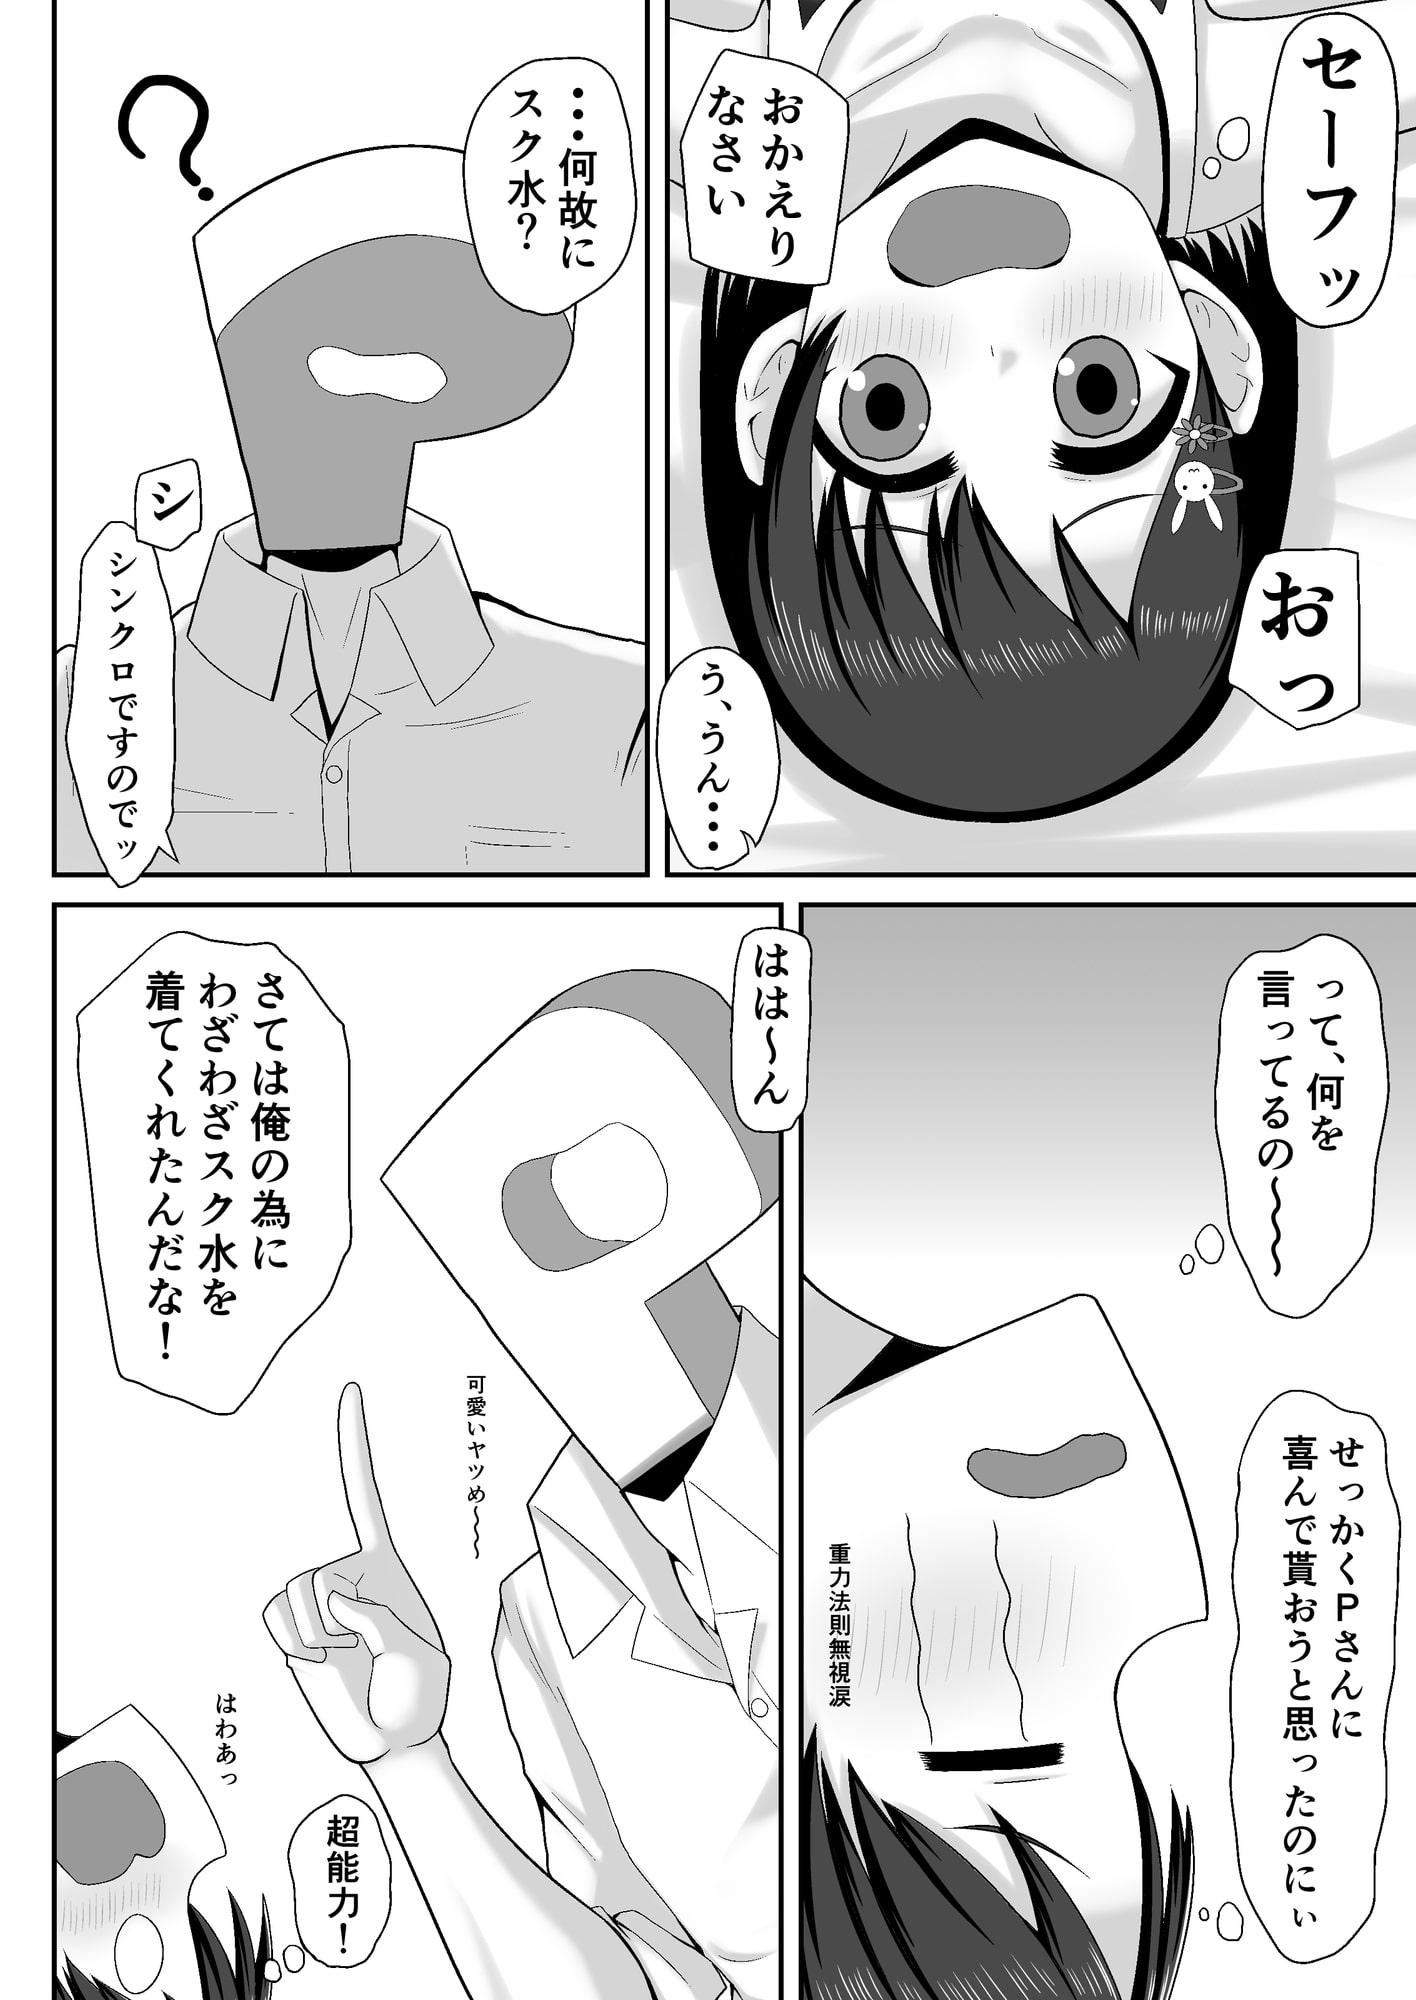 RJ320138 アイドル佐○木千枝-スク水編- [20210309]